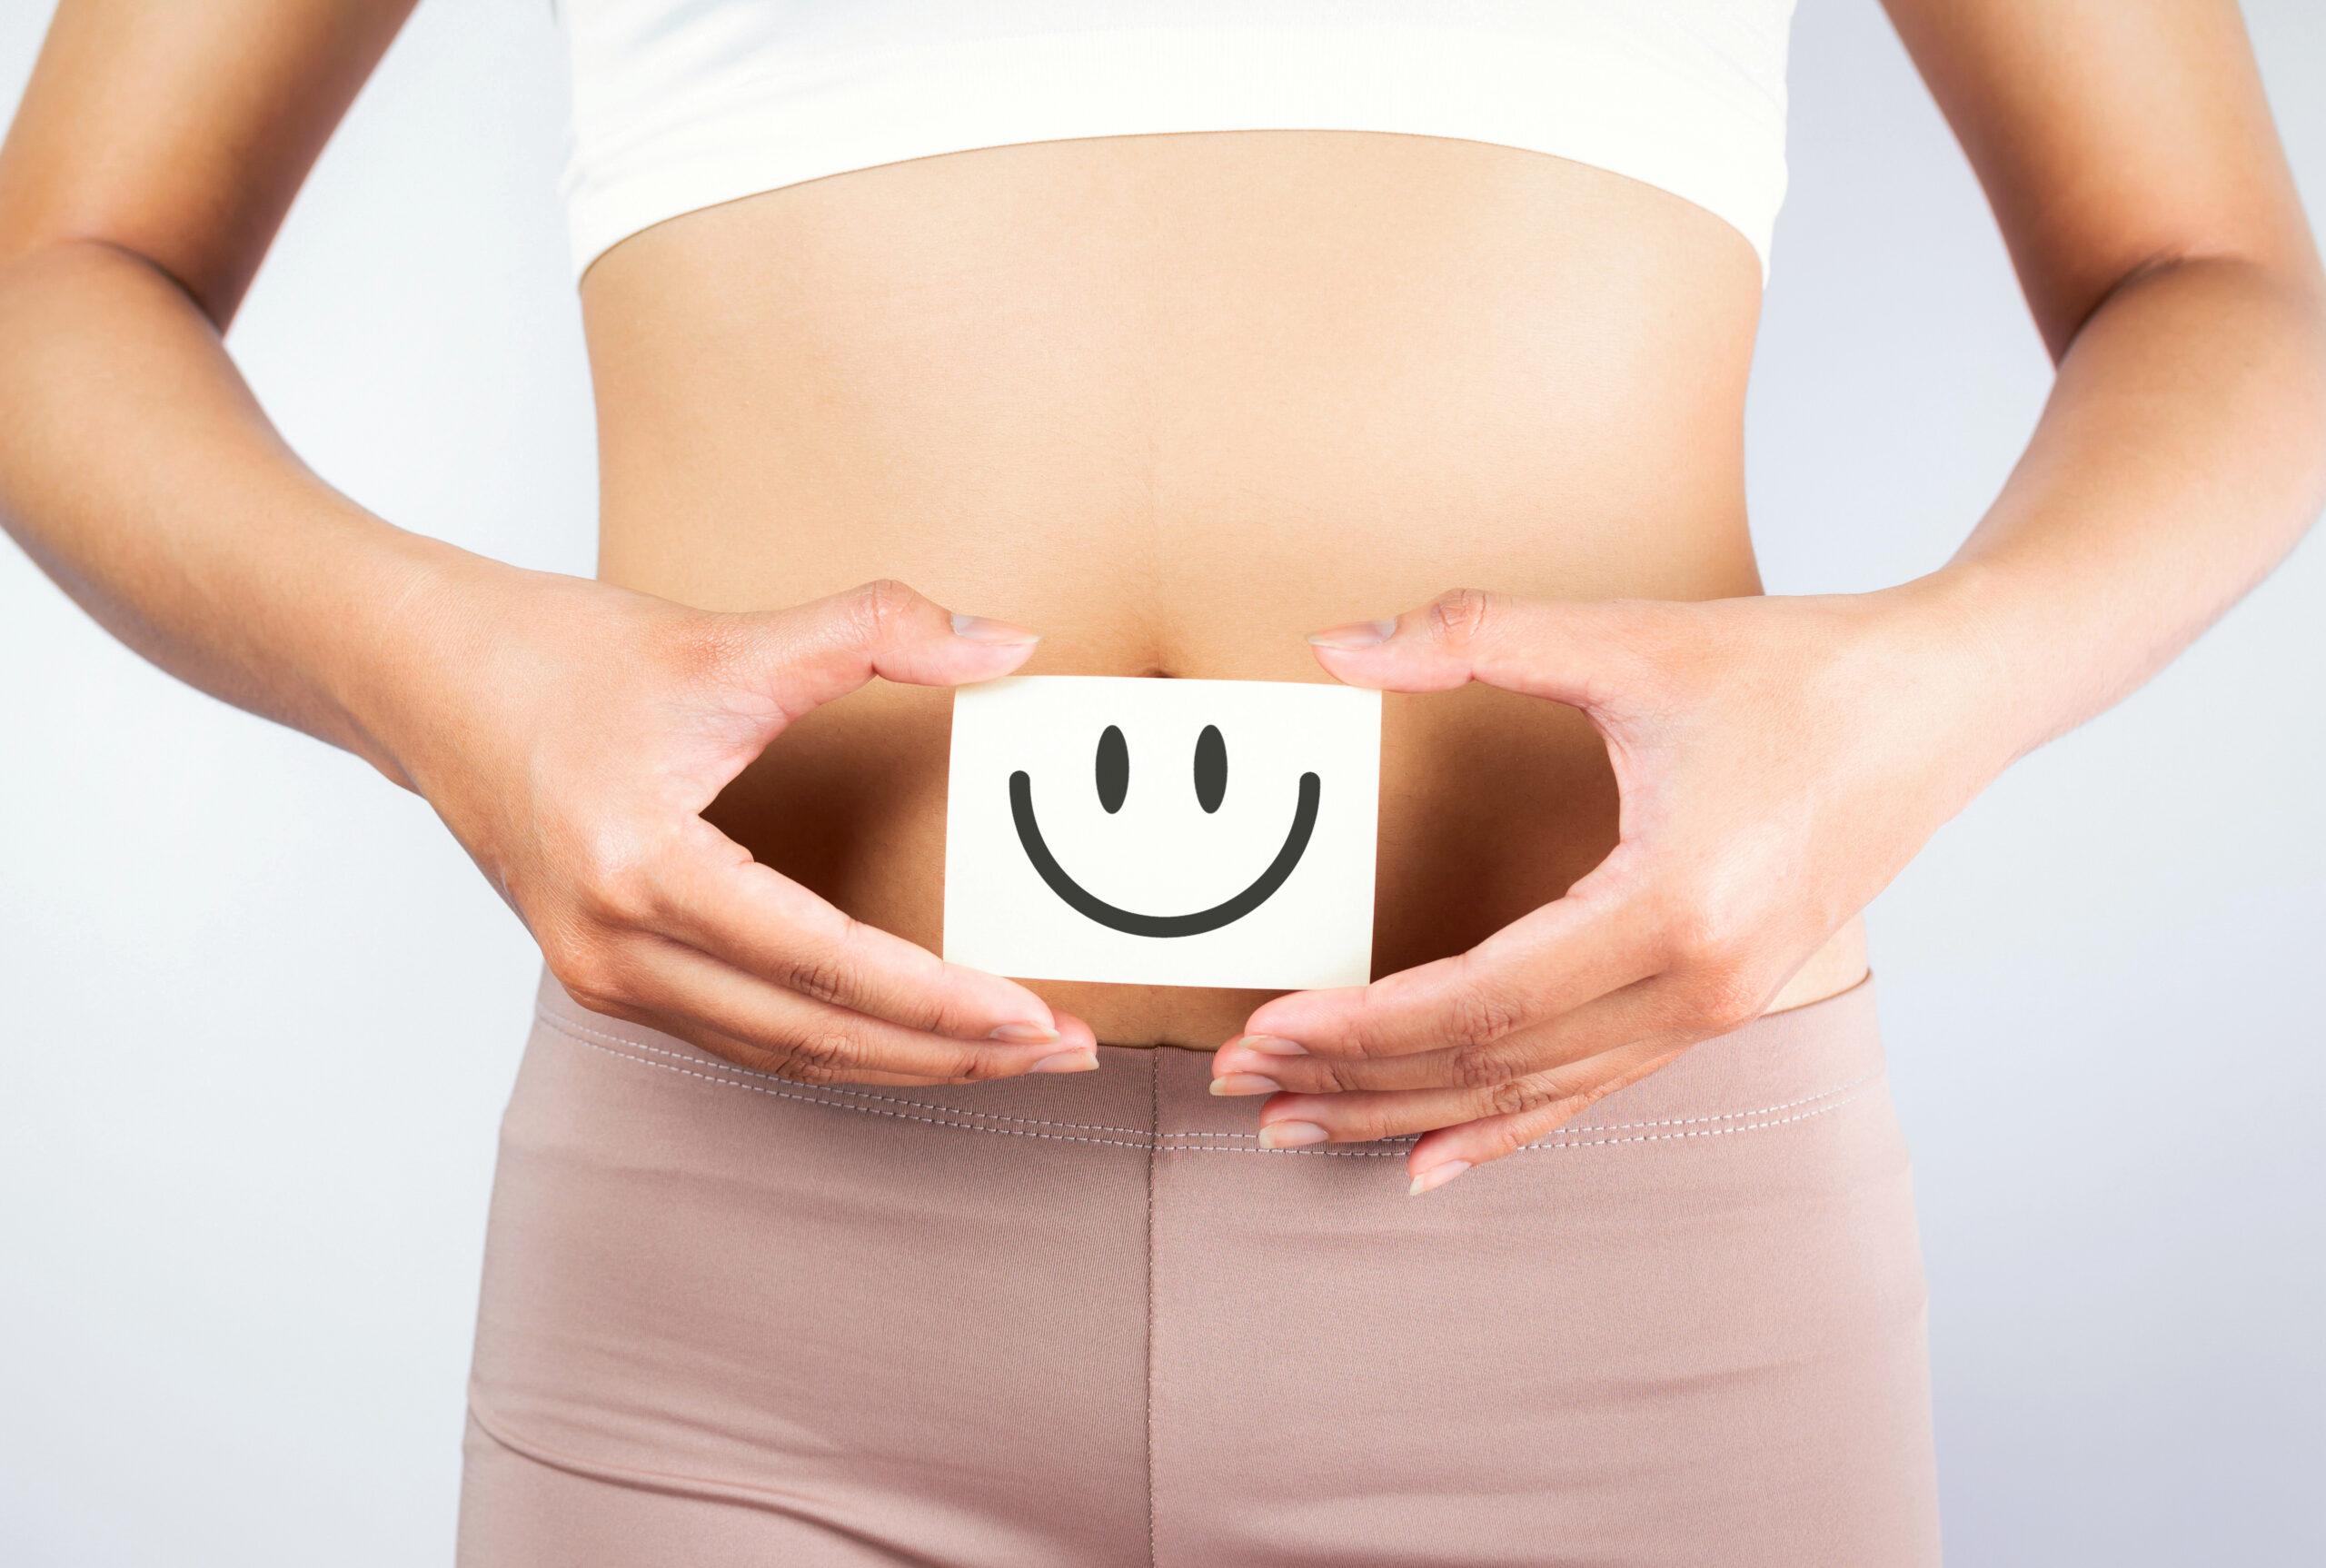 Διατροφή Έντερο: Τροφές που ενισχύουν και προάγουν την πέψη